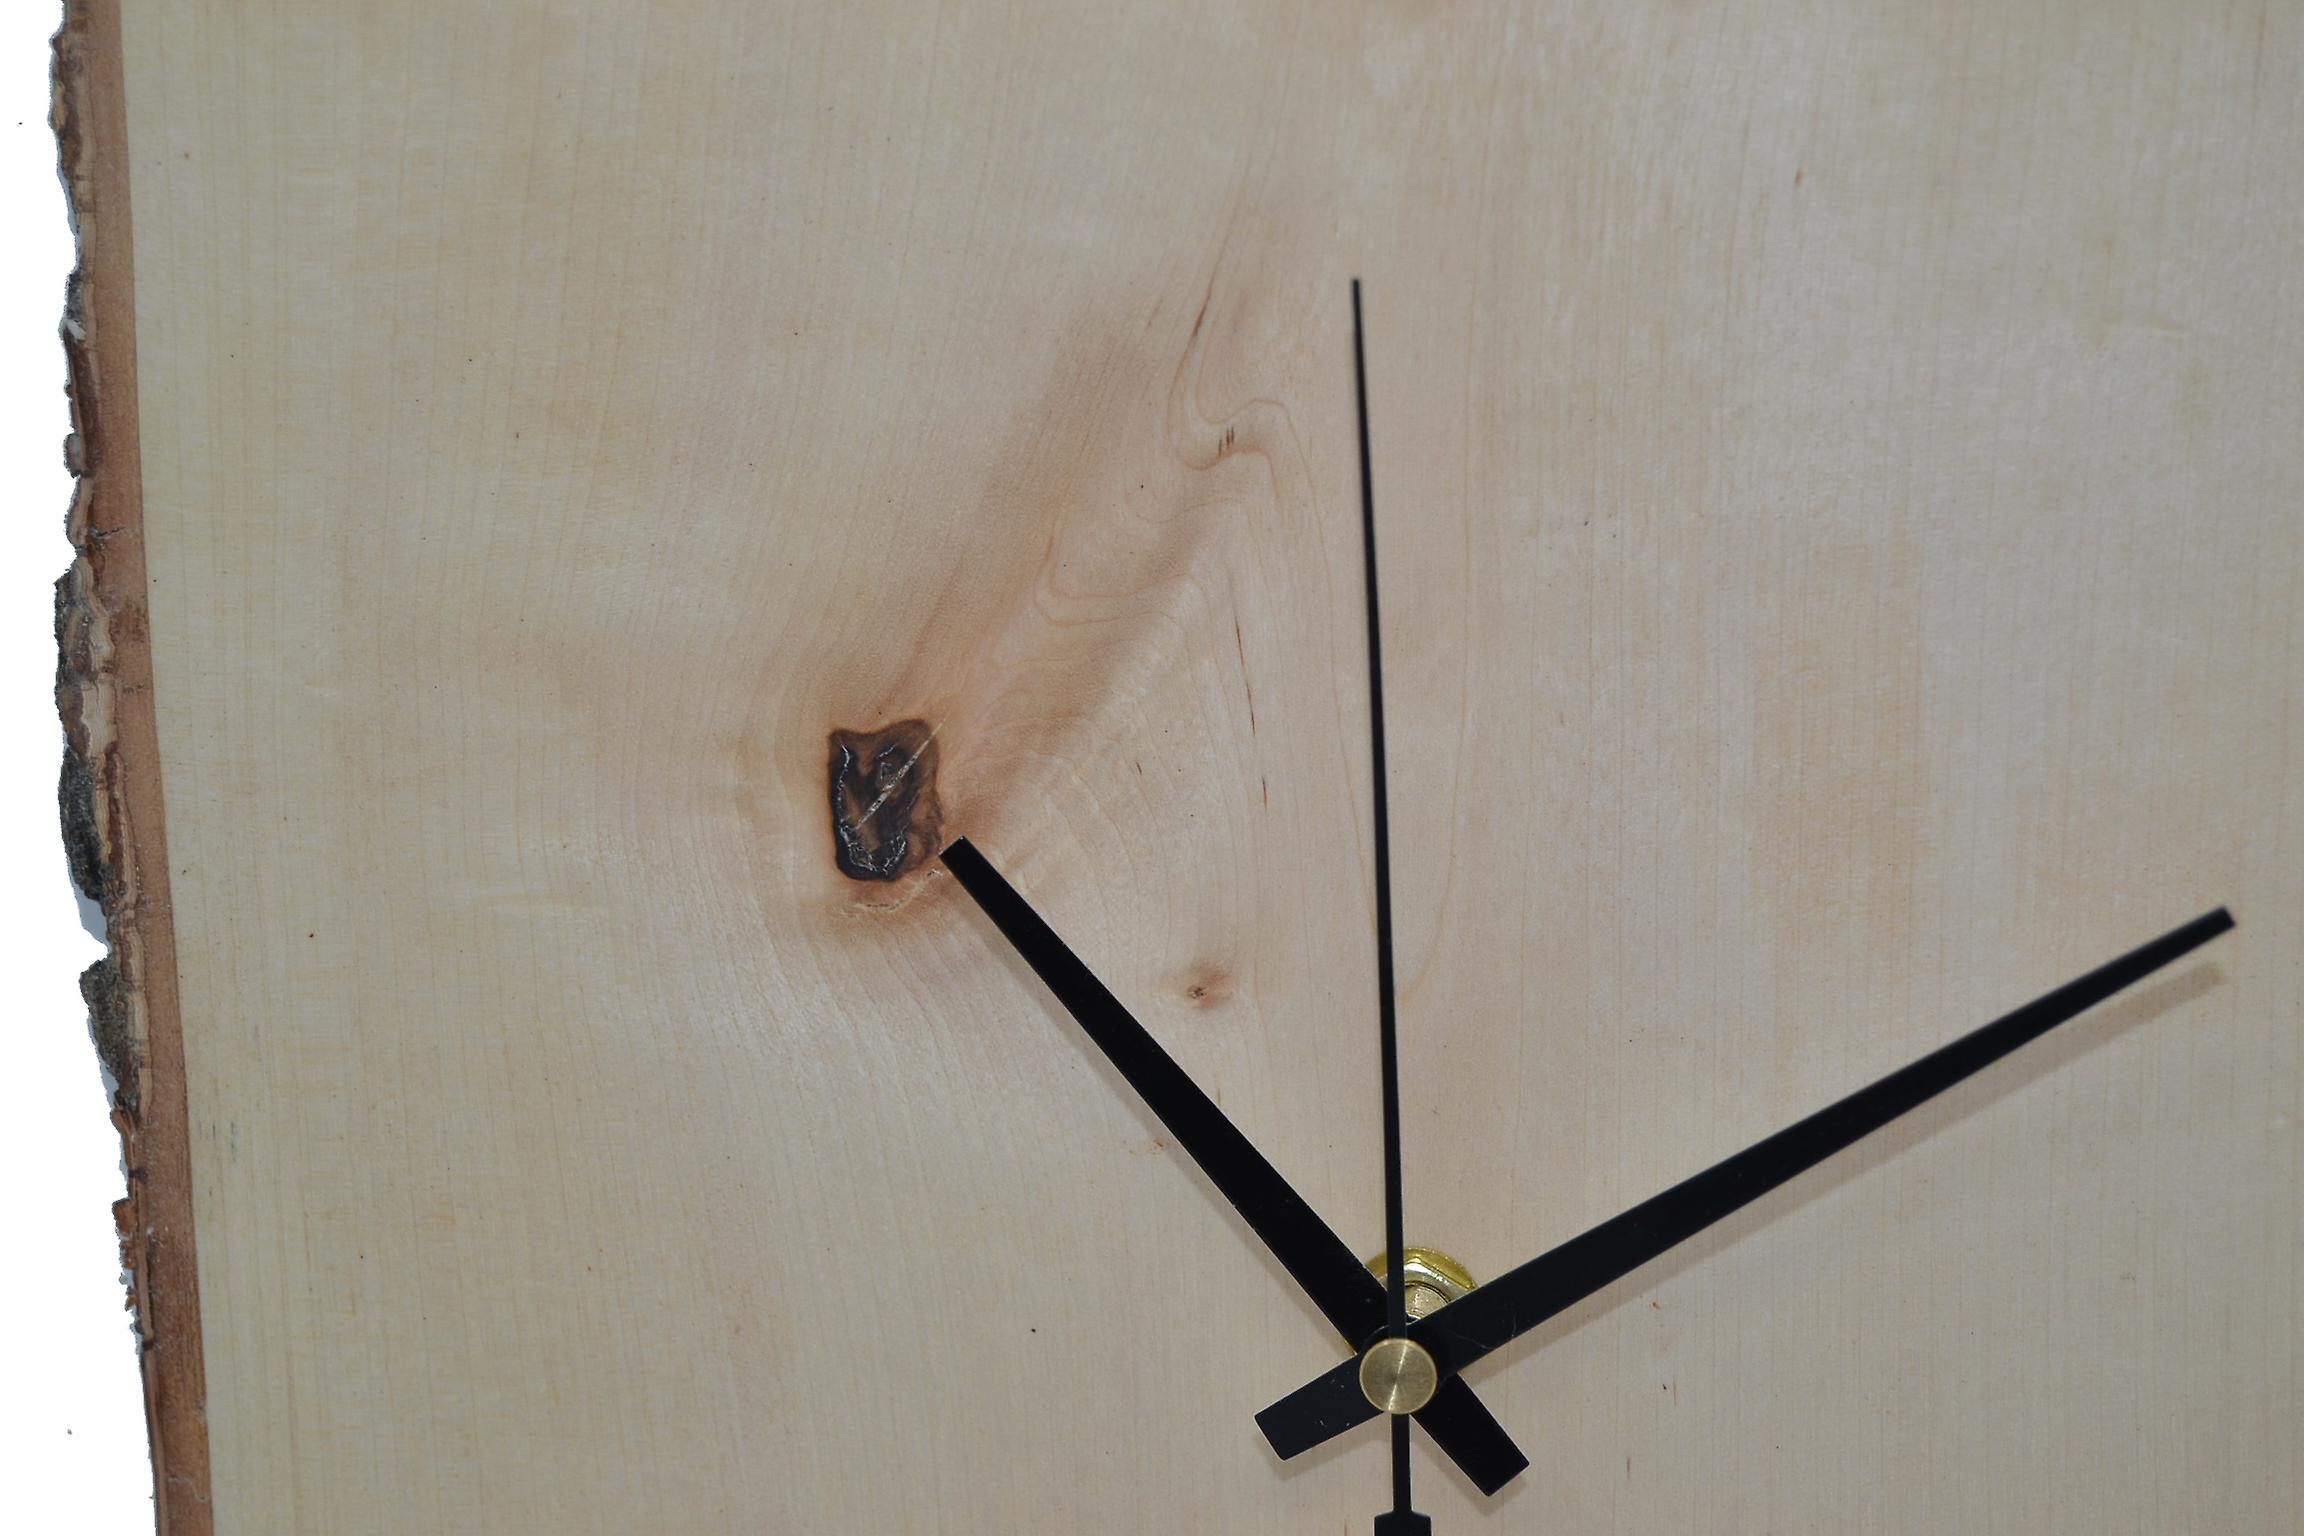 Holz Wanduhr Holzuhr Uhr Birke 26 x 26 cm Made in Austria Uhr Birke Birkenholz Uhr wallclock clock Geschenk Geschenkidee Holzdeko Deko Holzdekoration